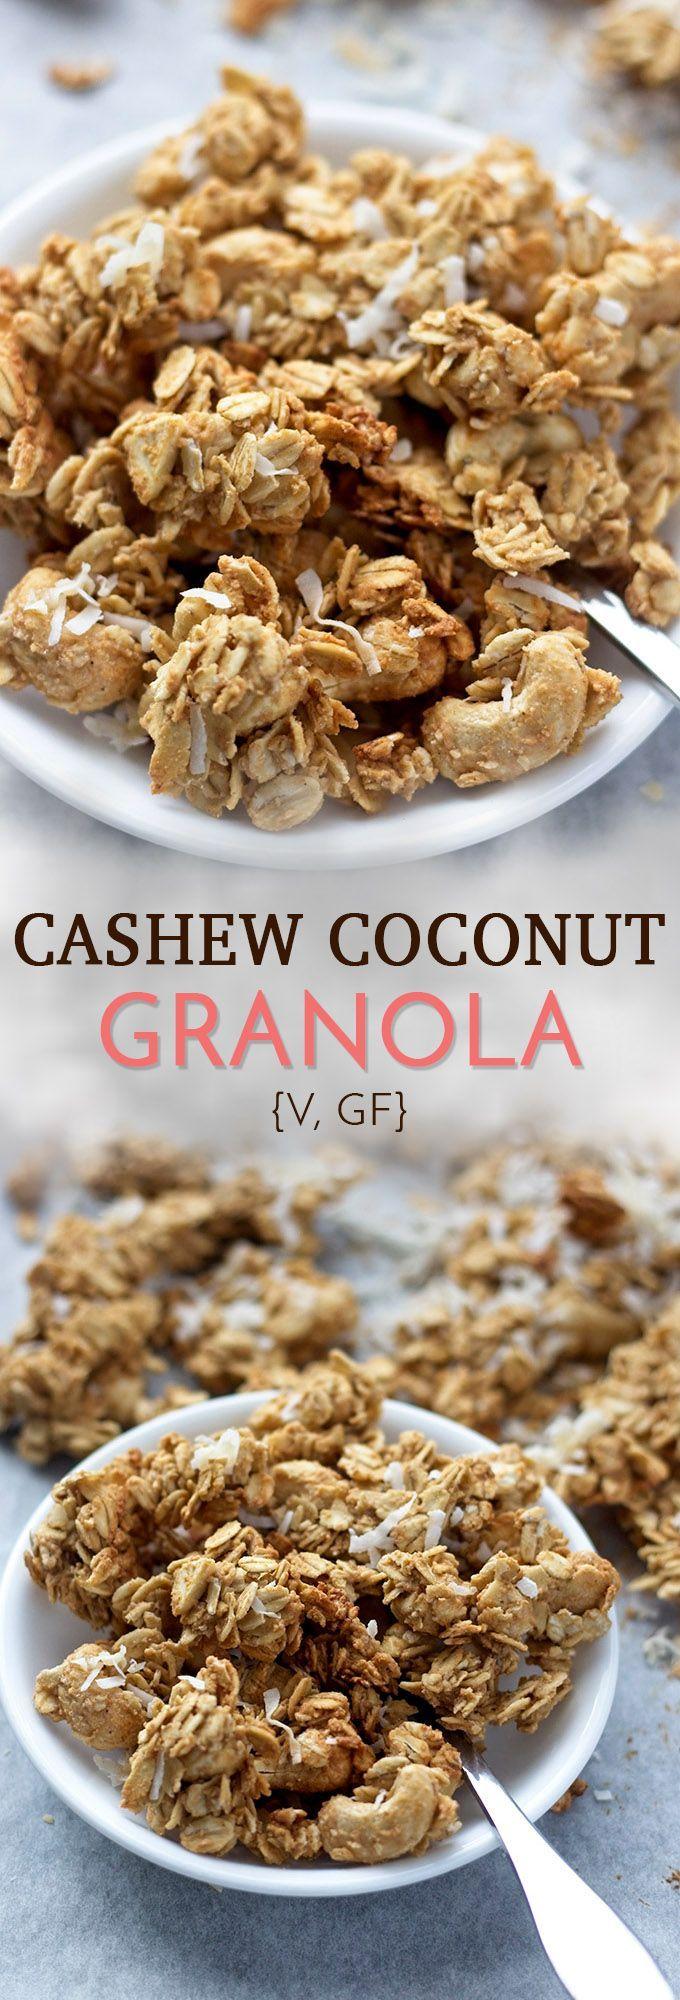 Cashew Coconut Granola (V, GF)